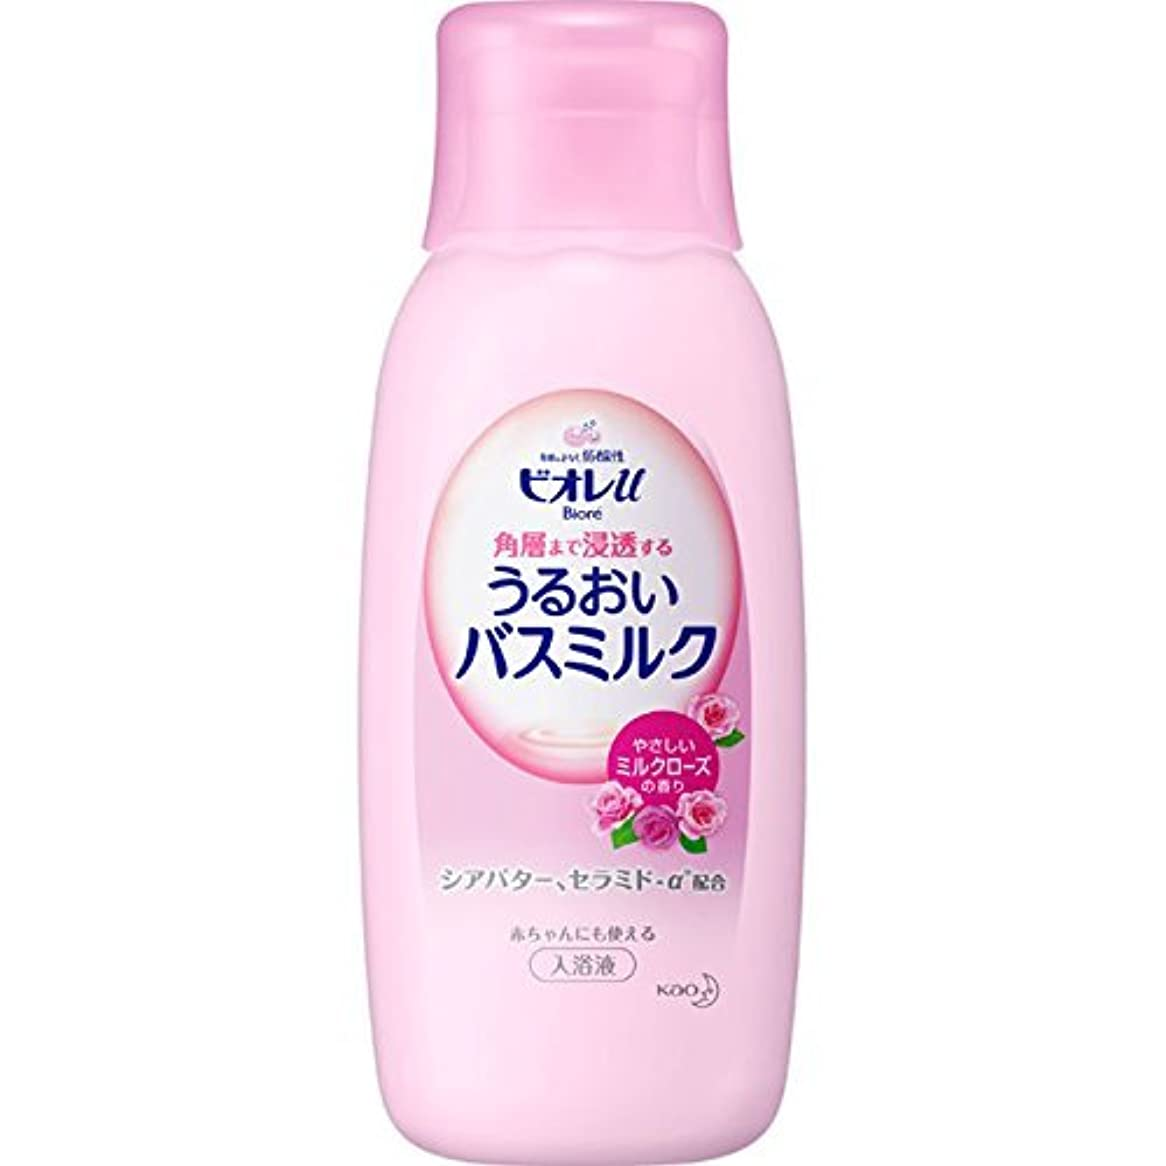 クレタ穴マウス【花王】ビオレU 家族みんなのすべすべバスミルク ミルクローズの香り <本体> 600ml ×10個セット